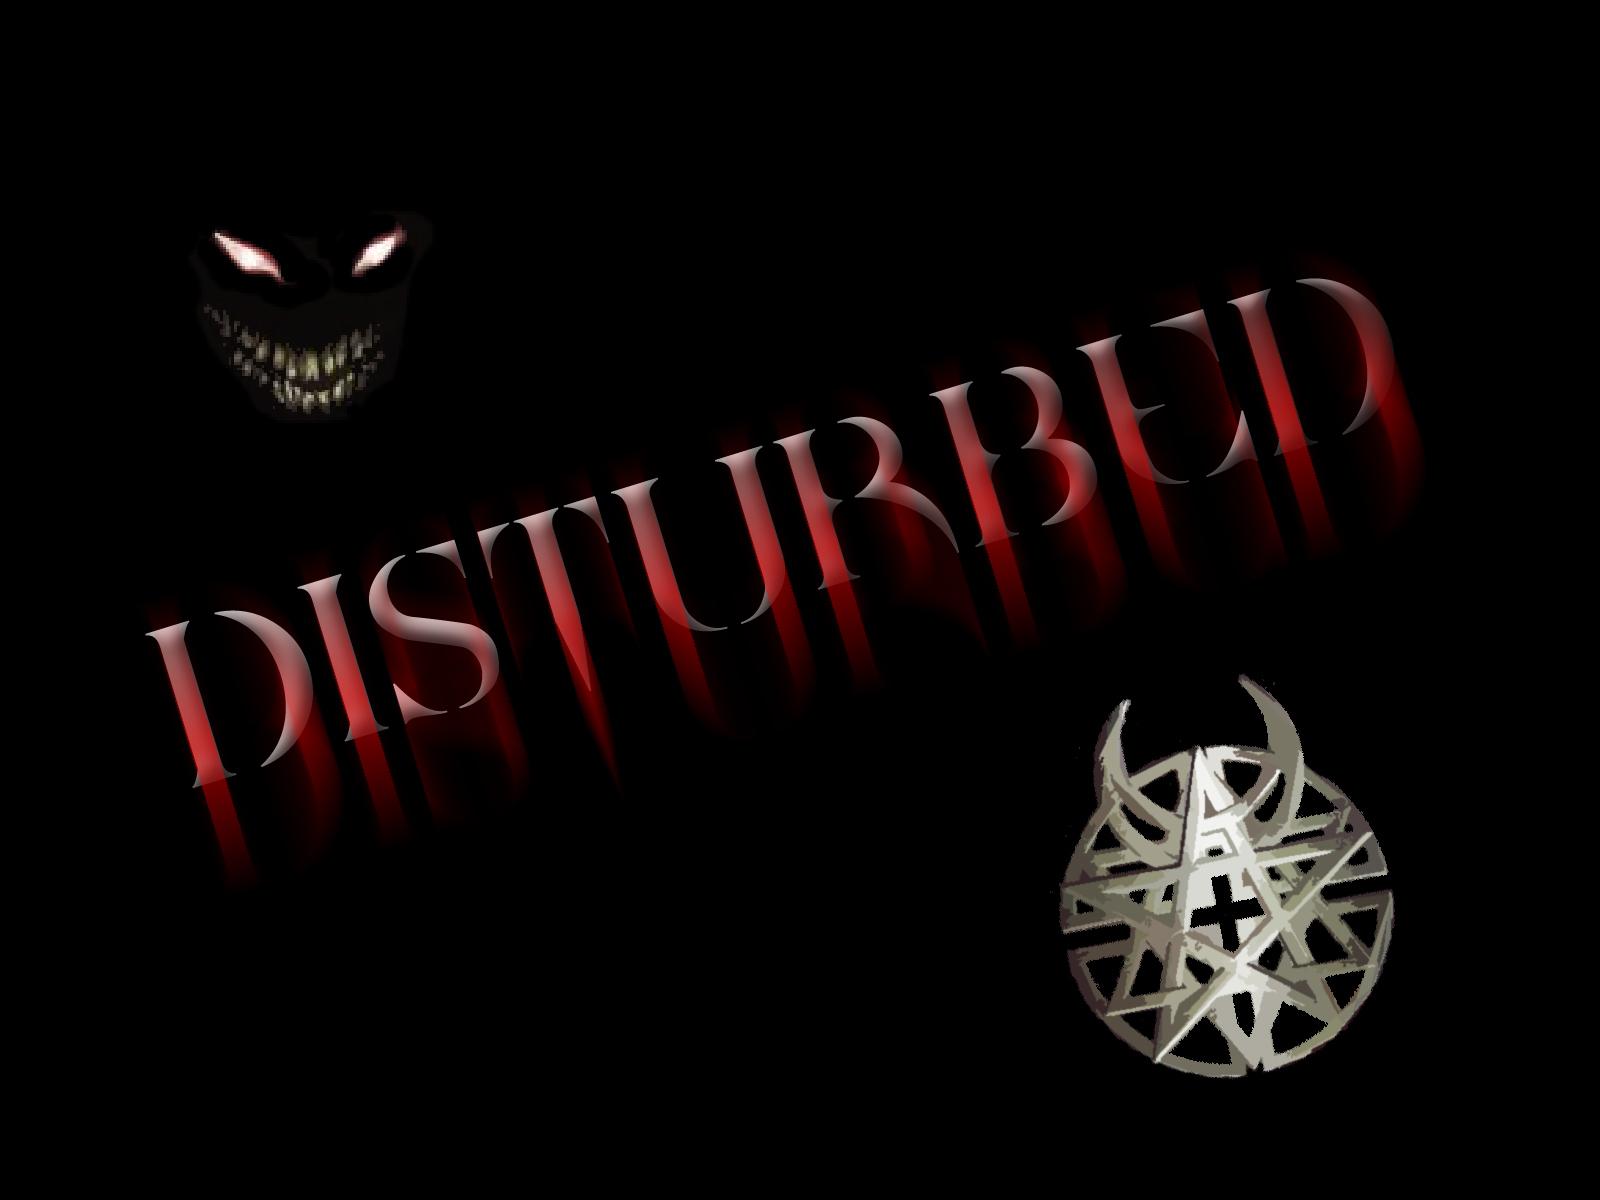 Disturbed Discografia Completa - Descargar